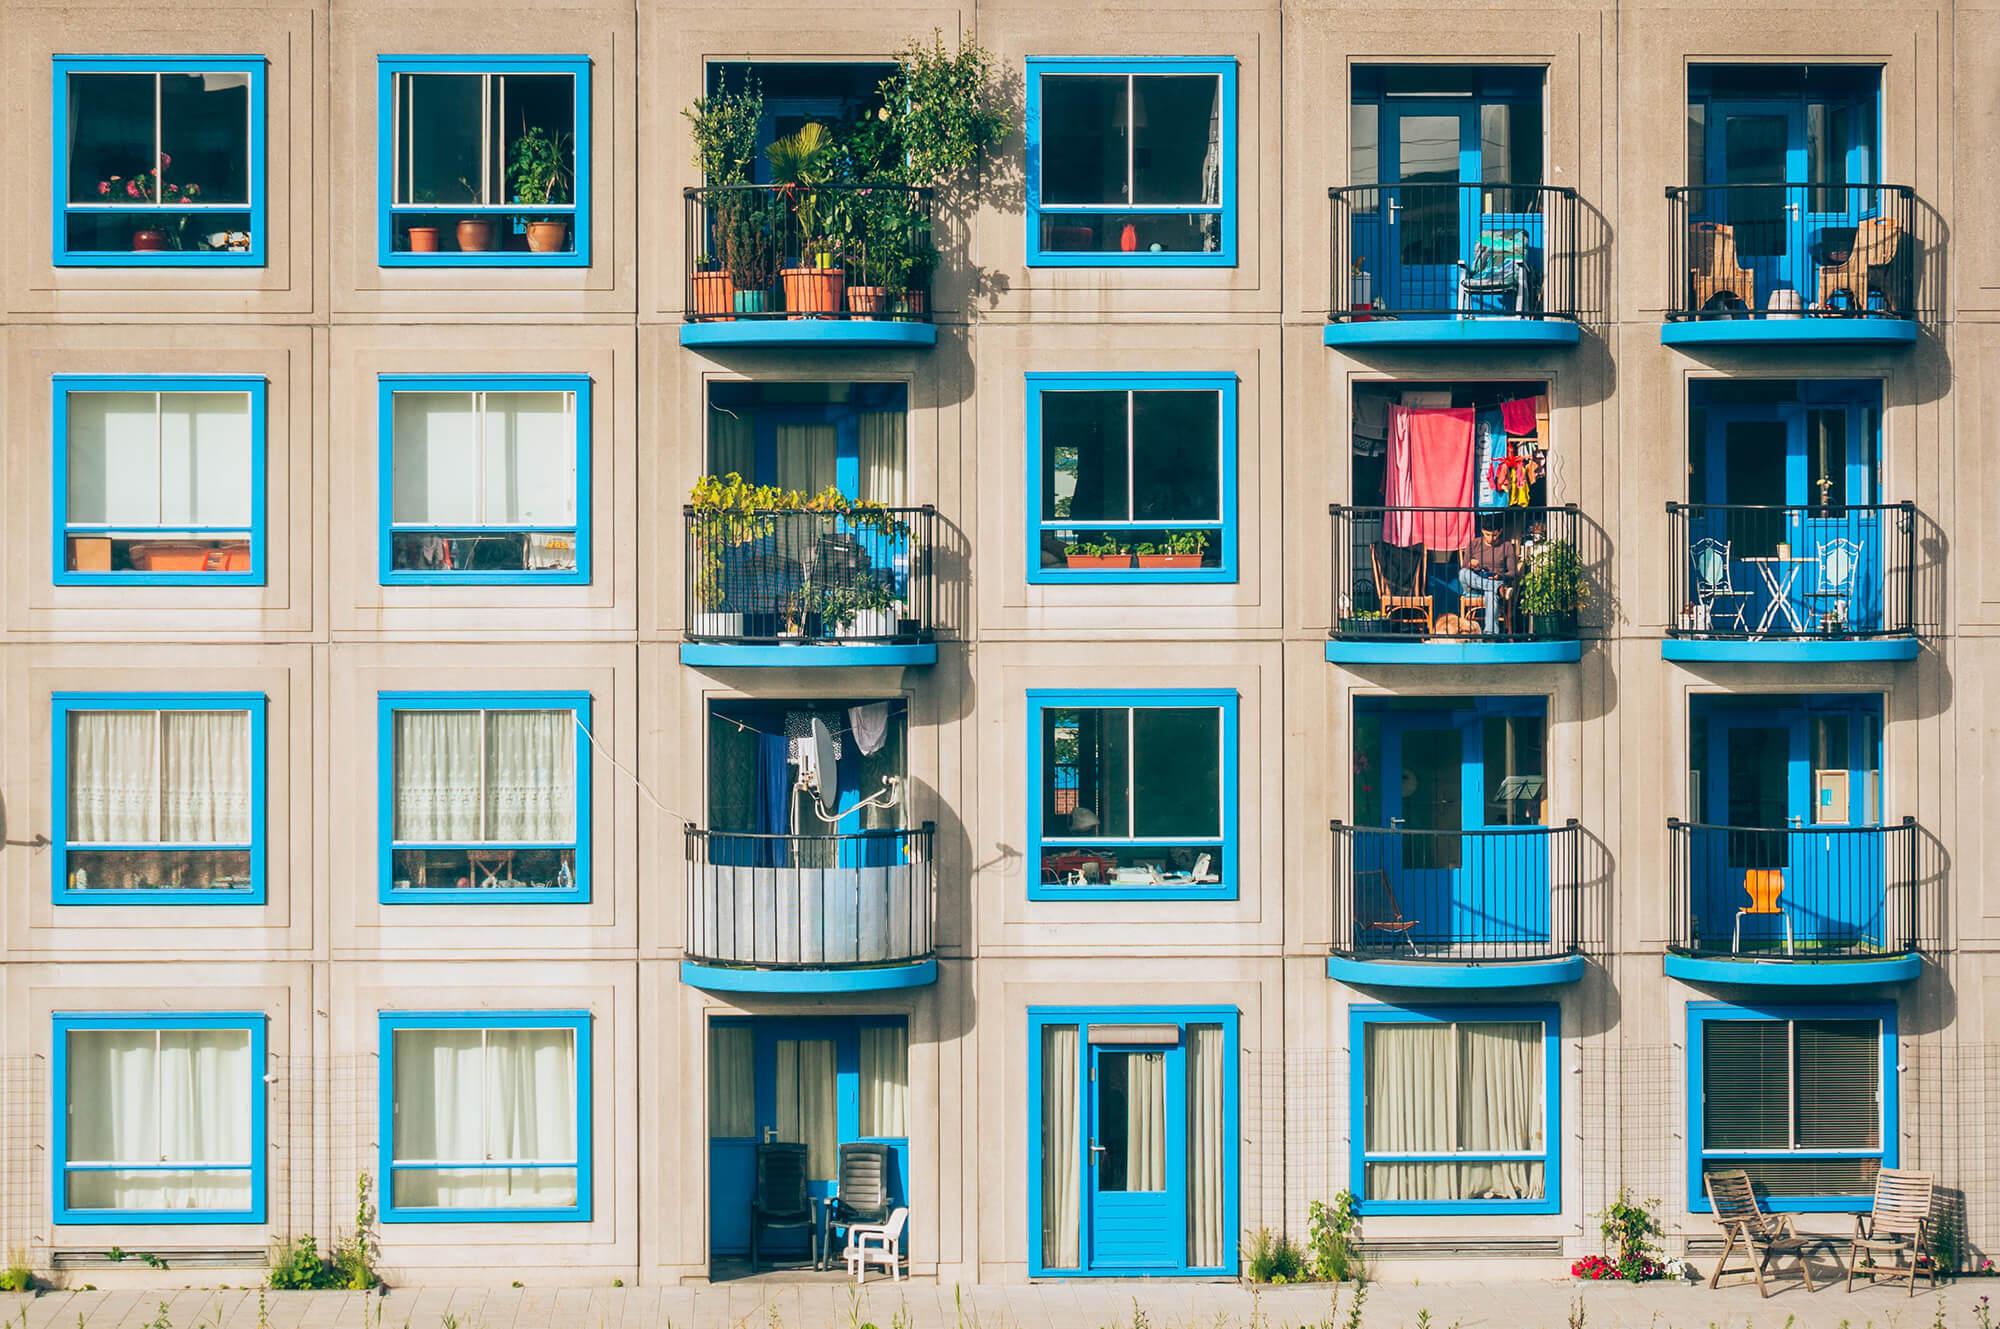 rénovation énergétique en appartement